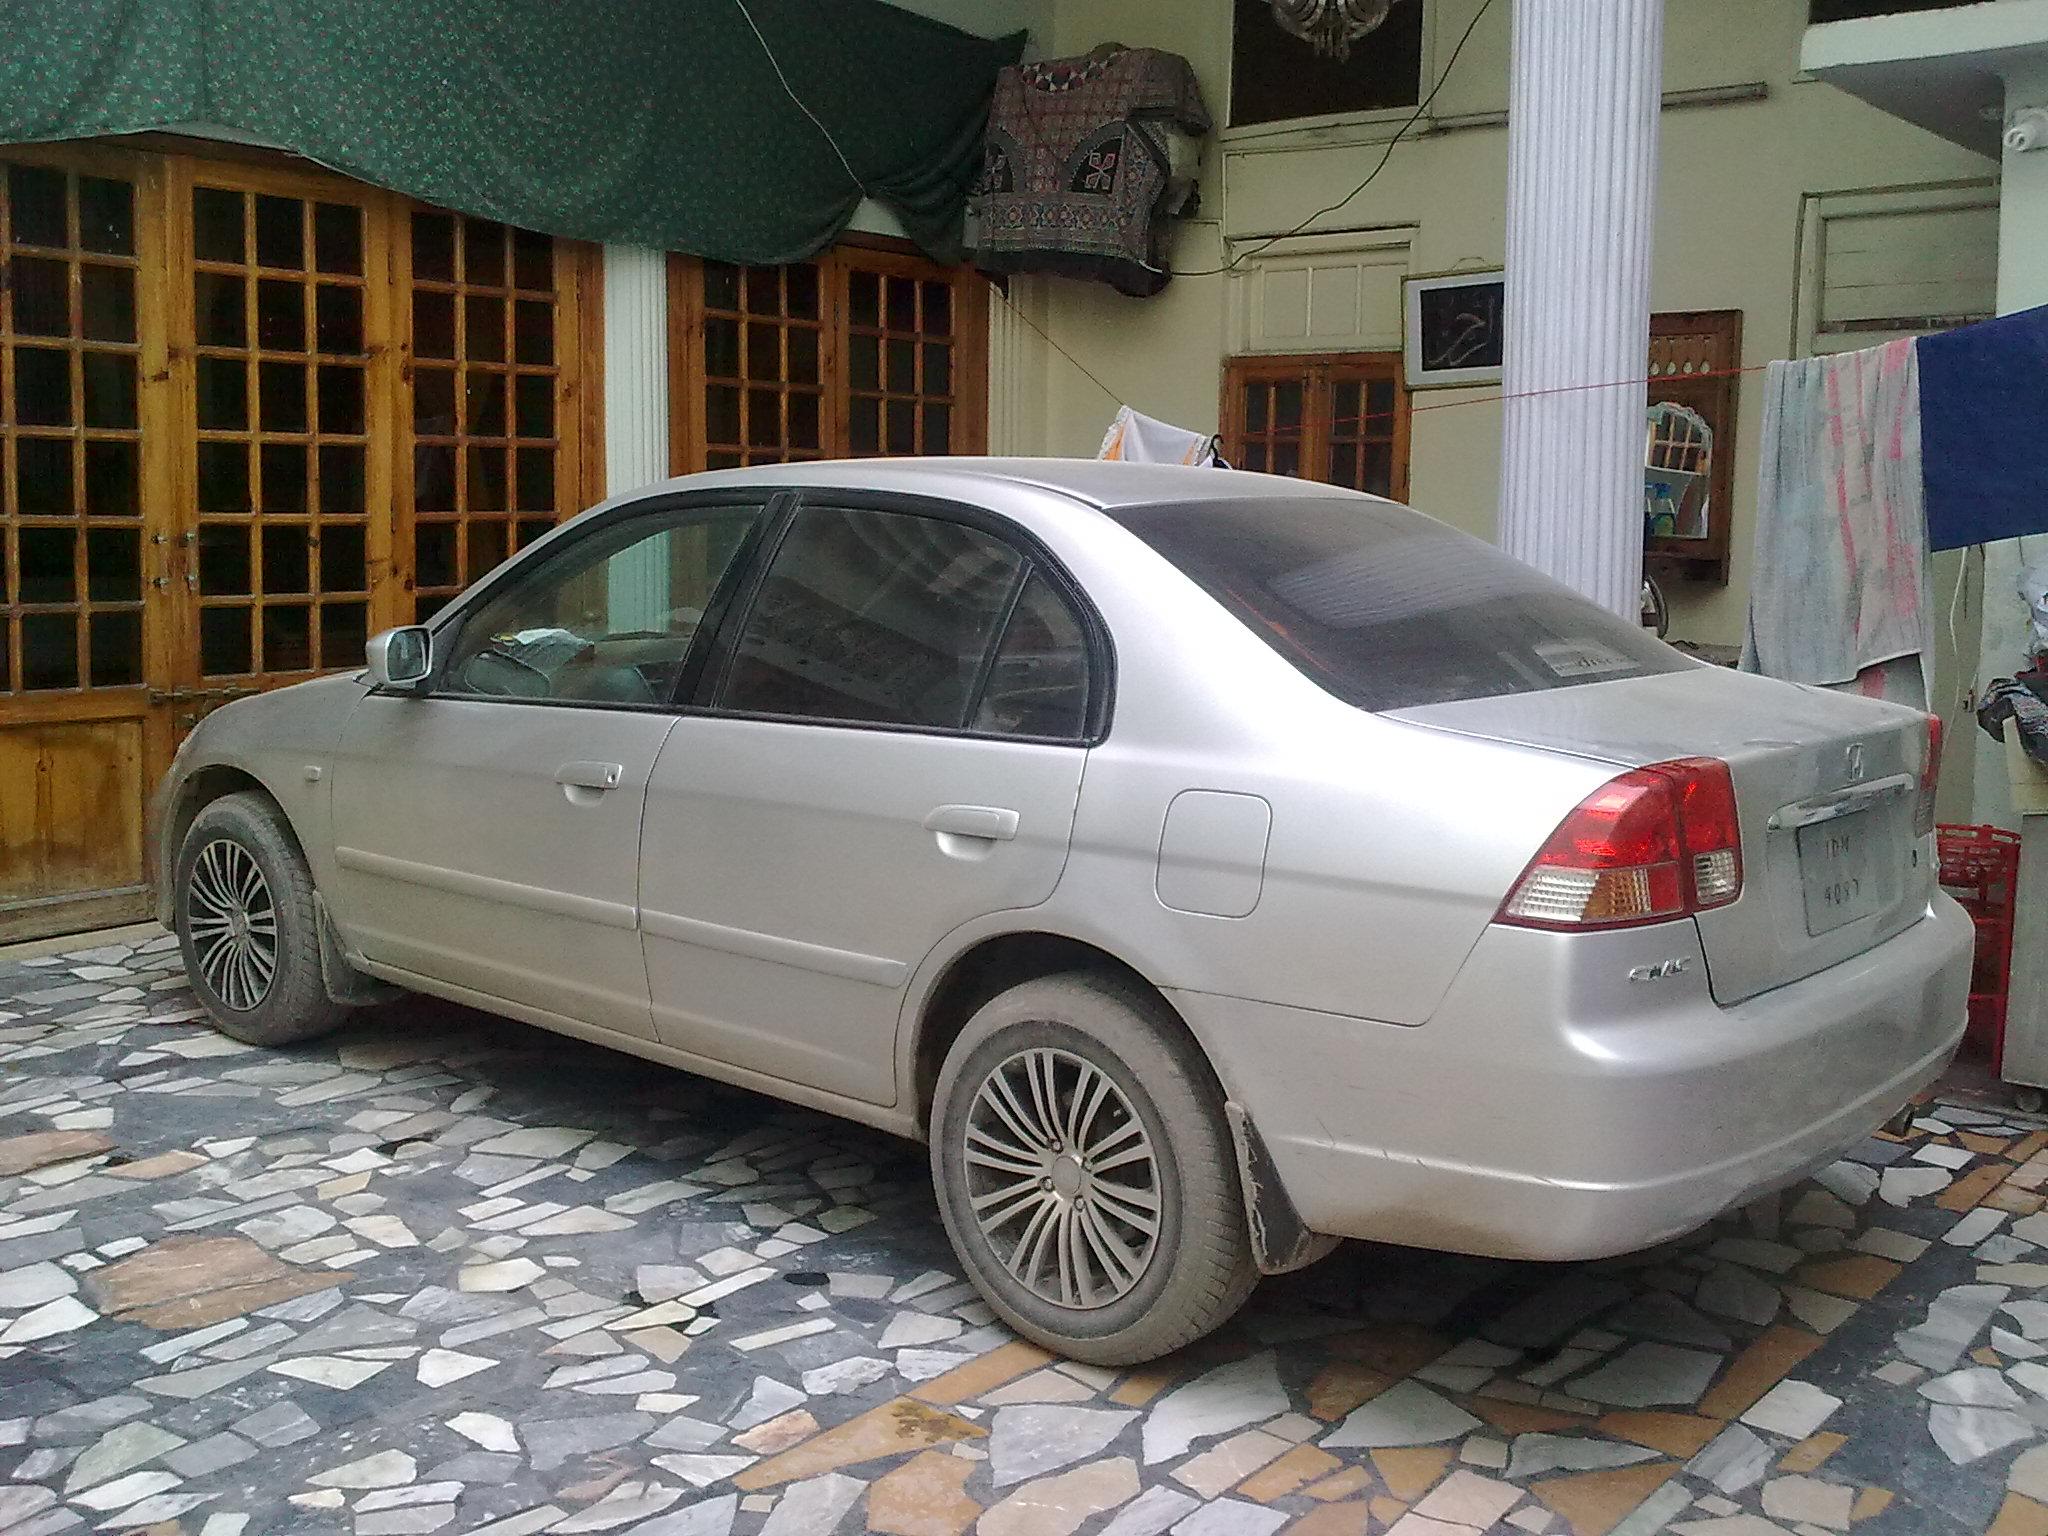 Honda Civic 2005 Vti Image 1